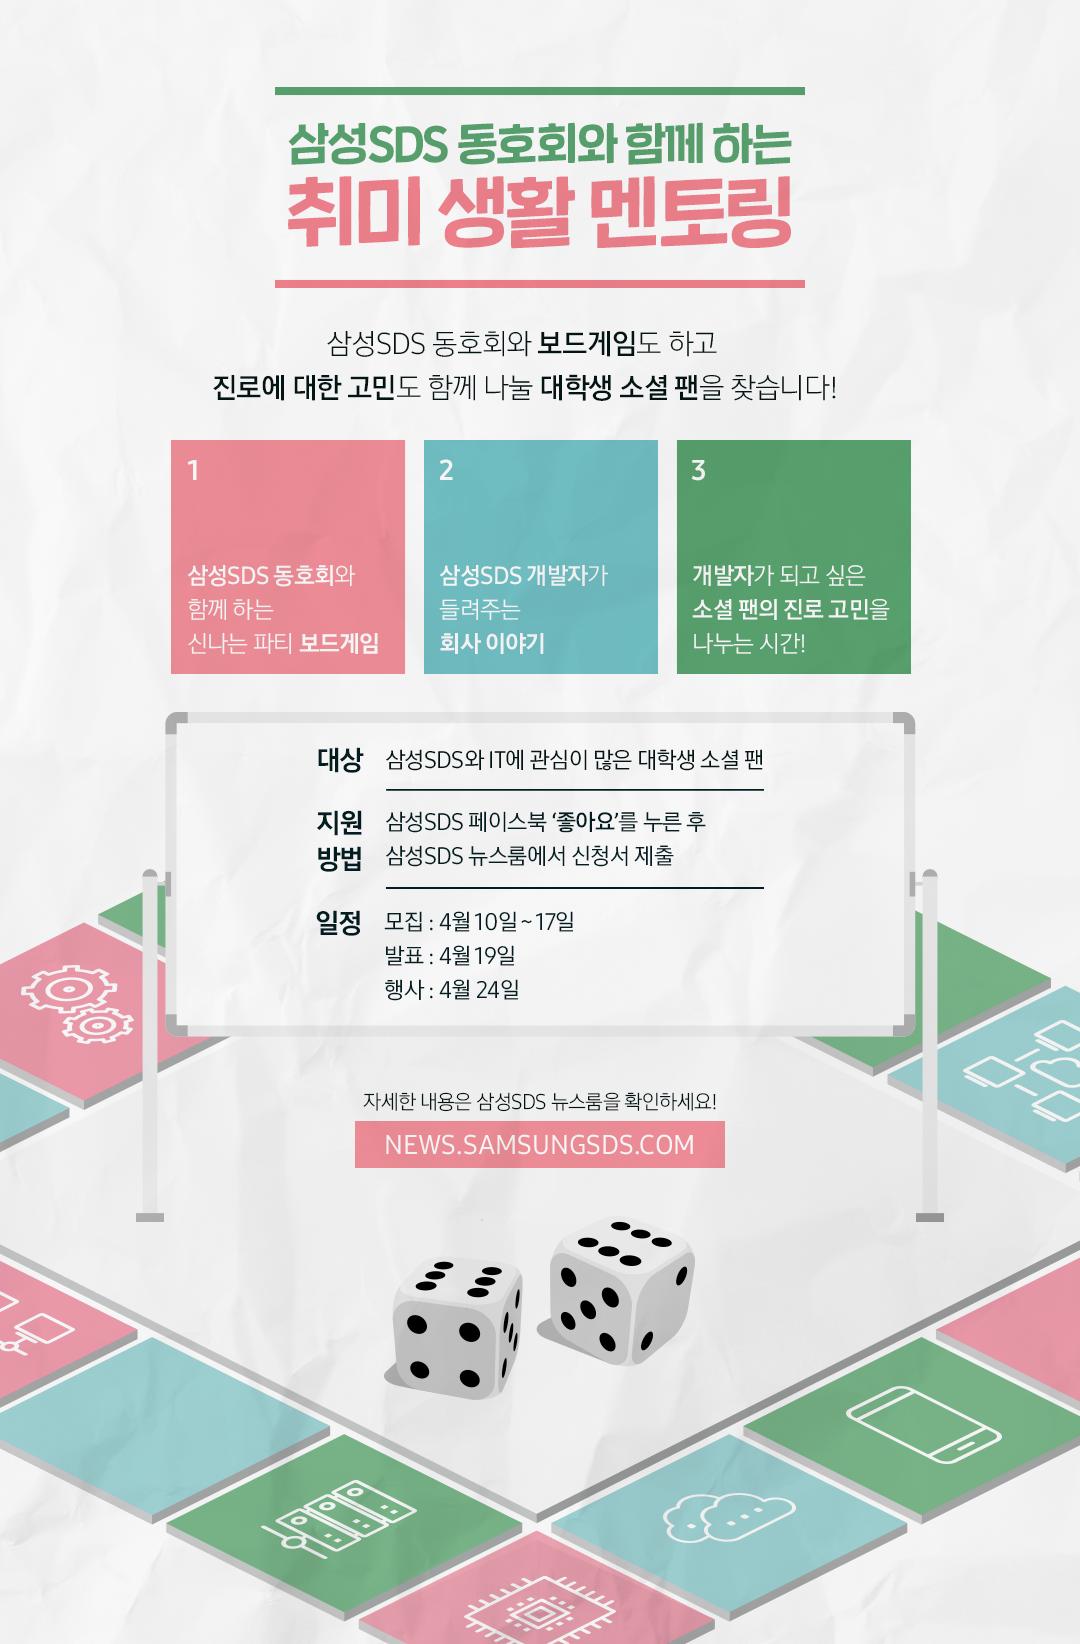 삼성SDS 취미 생활 멘토링 모집 포스터